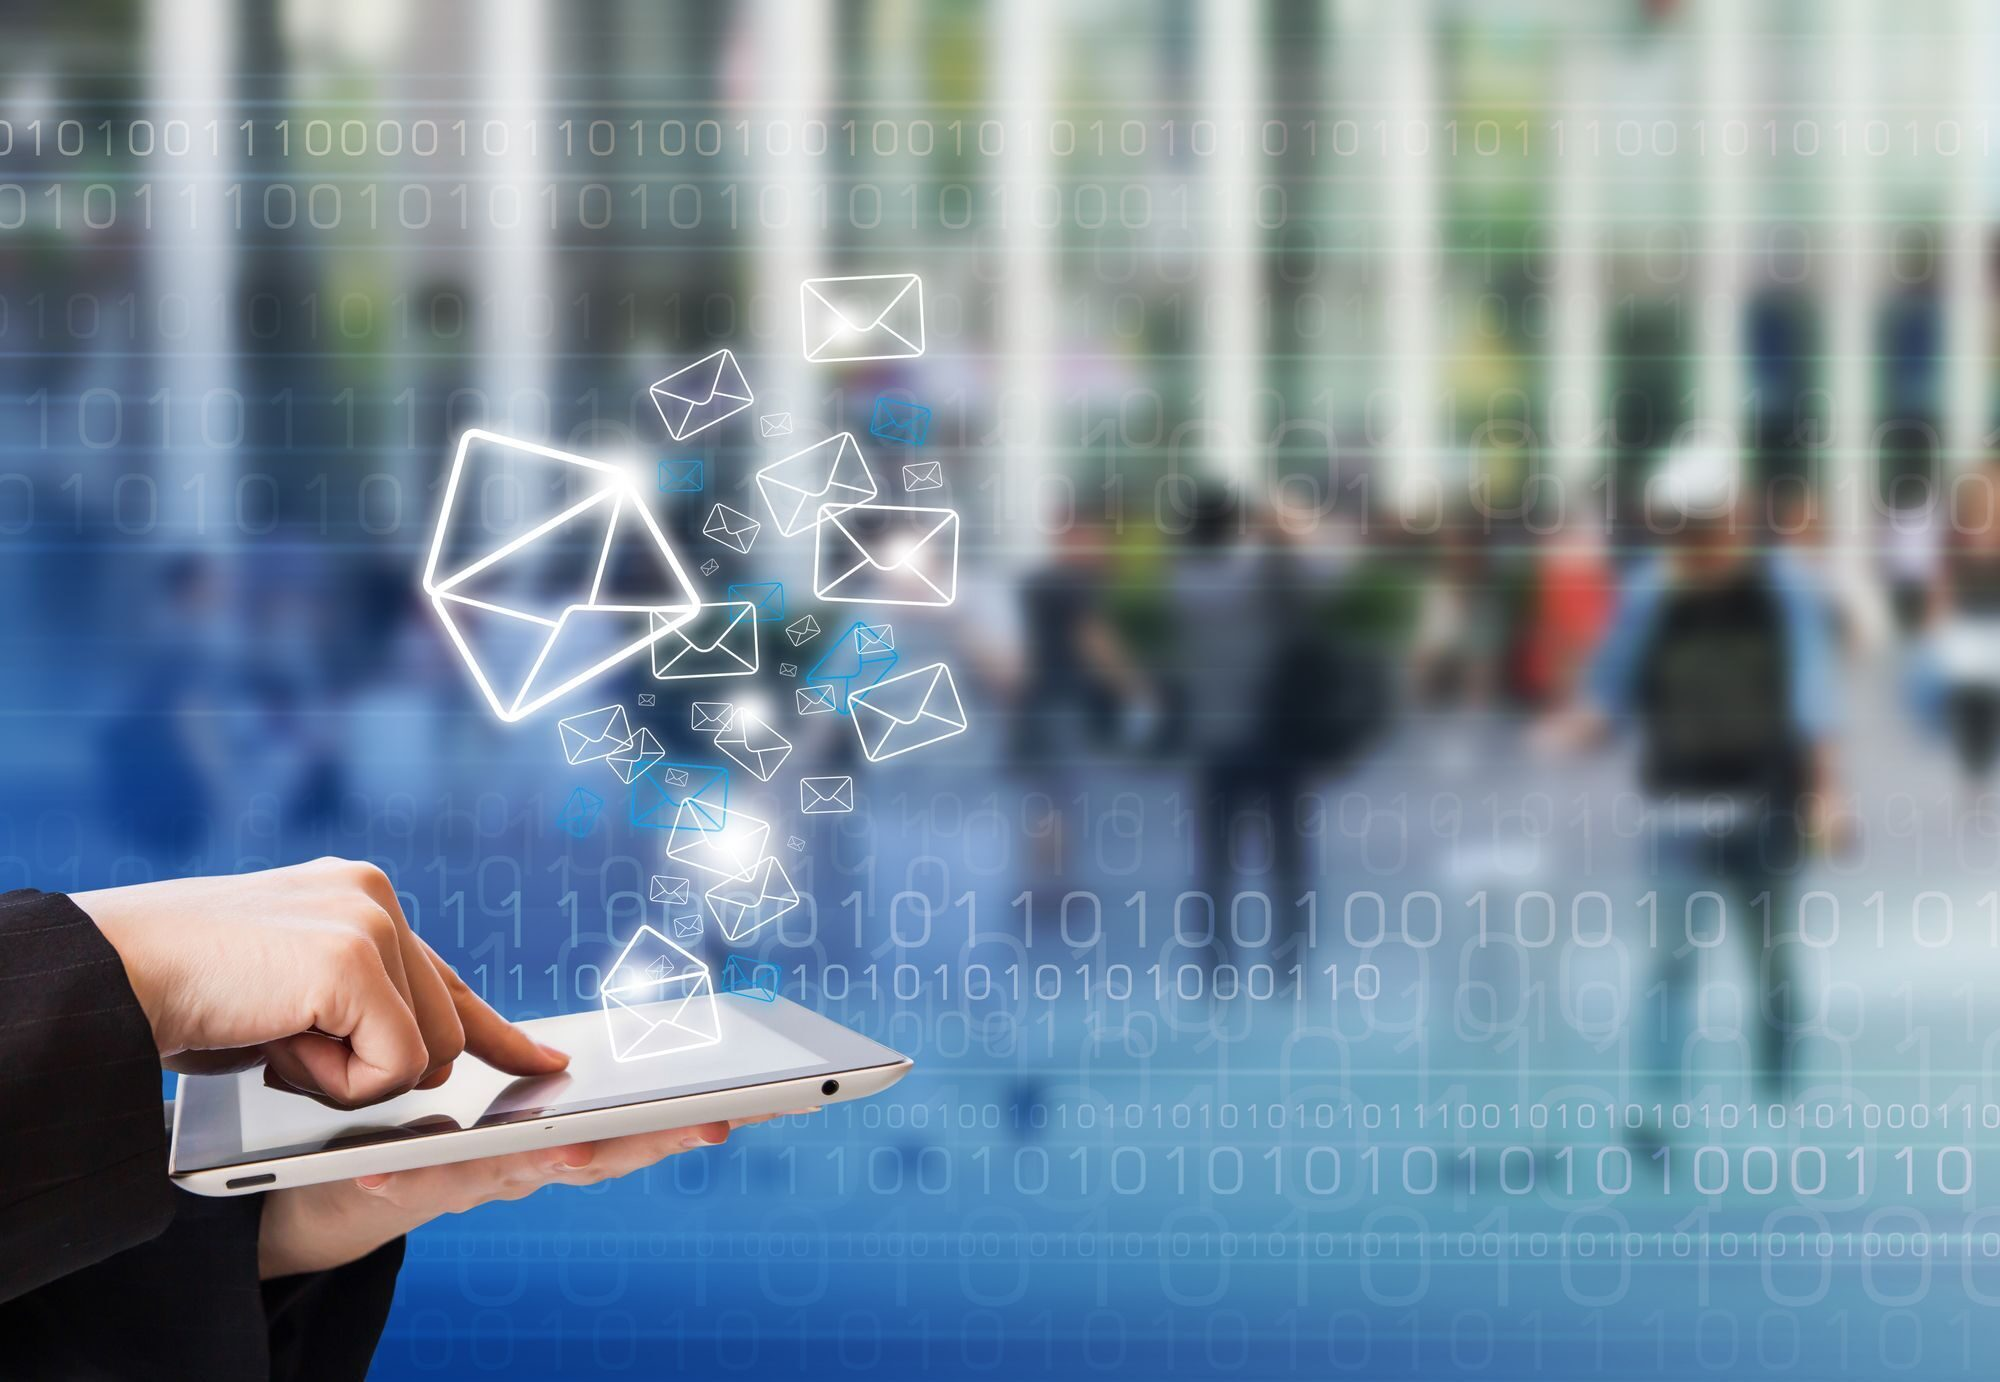 Акции бухгалтерское обслуживание регистрация и ведение отчетности ип